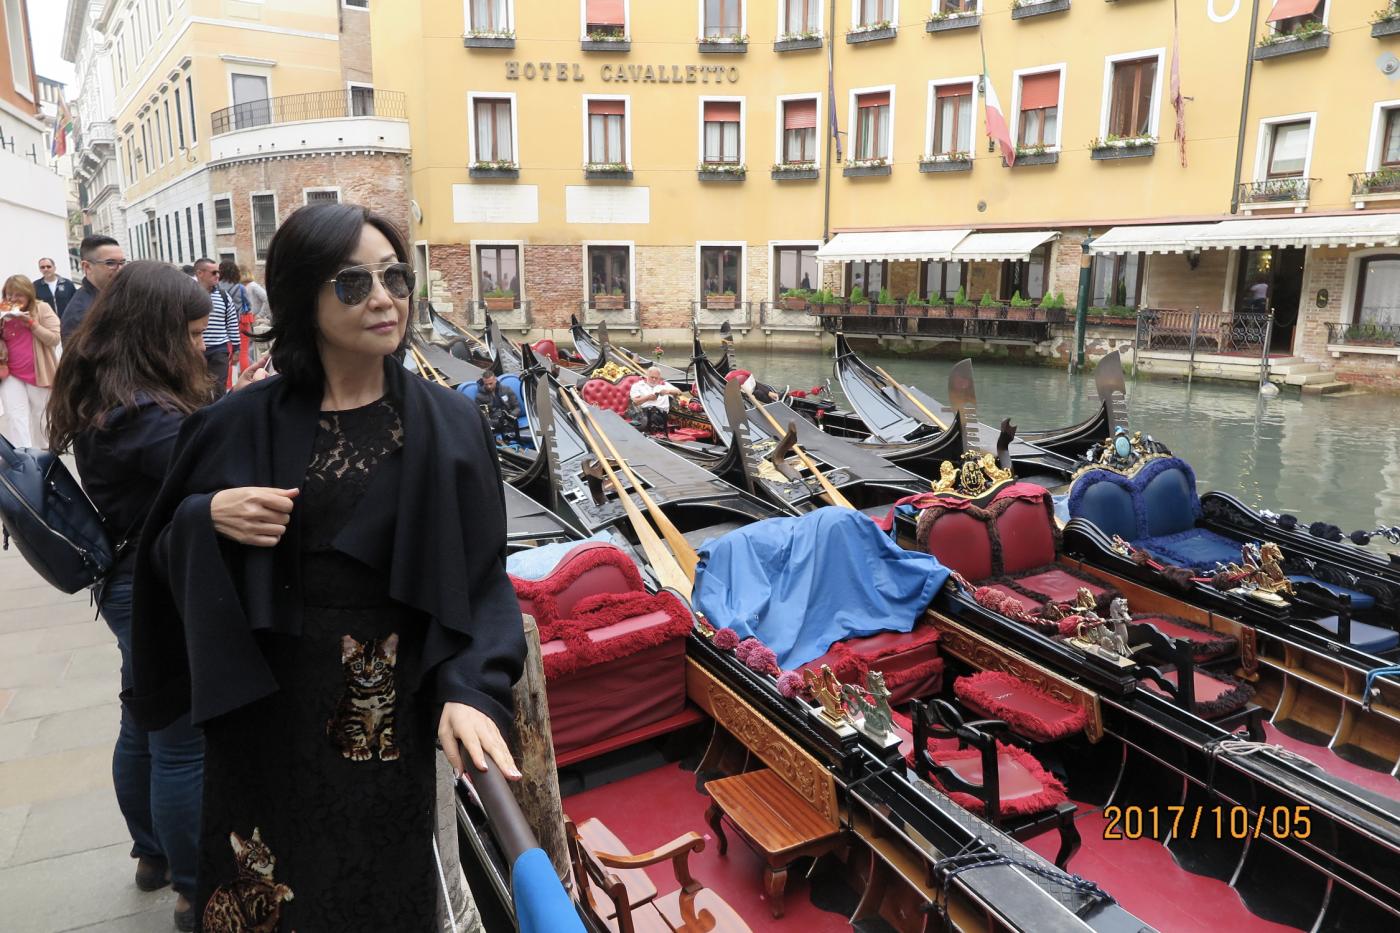 水乡威尼斯:无限的魅力永久的回忆_图1-34